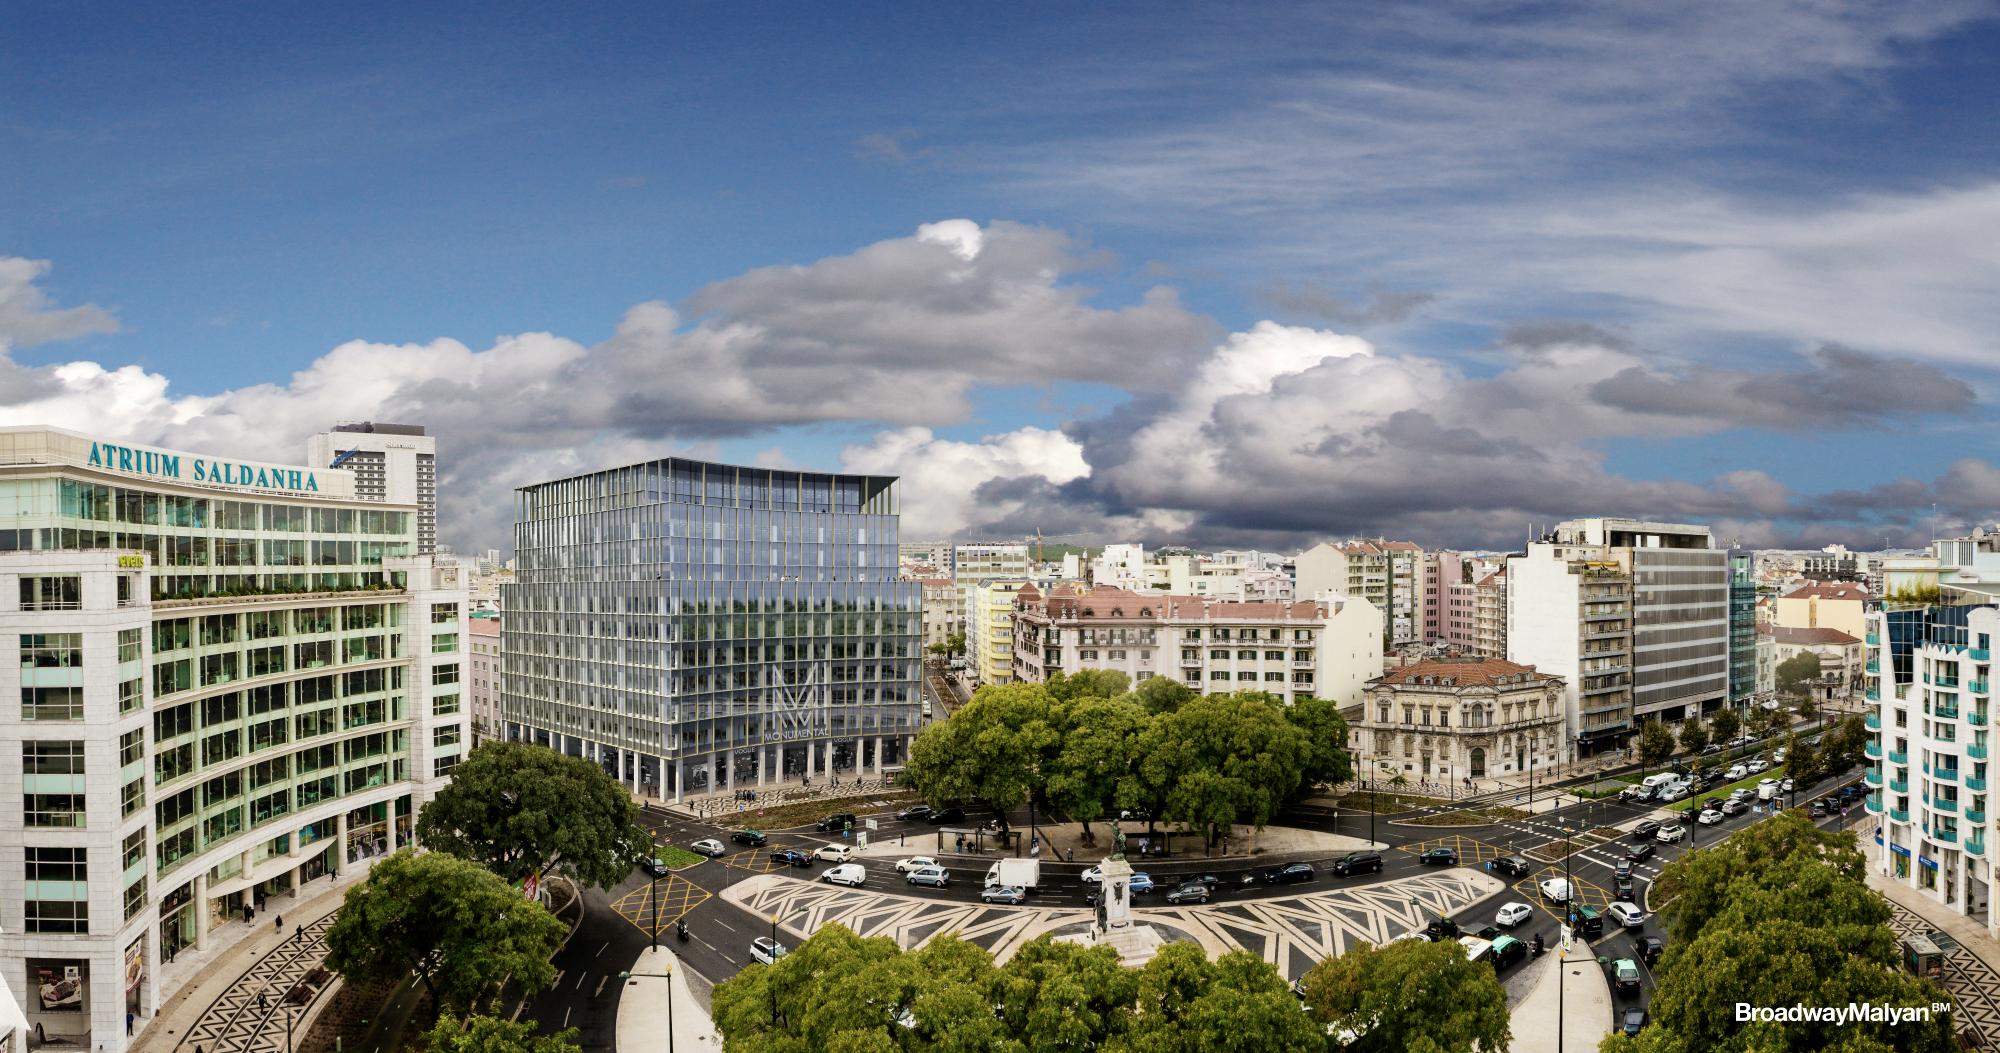 Renovação do edifício Monumental arranca este mês e obras terminam em 2020  / Engexpor/Broadway Malyan